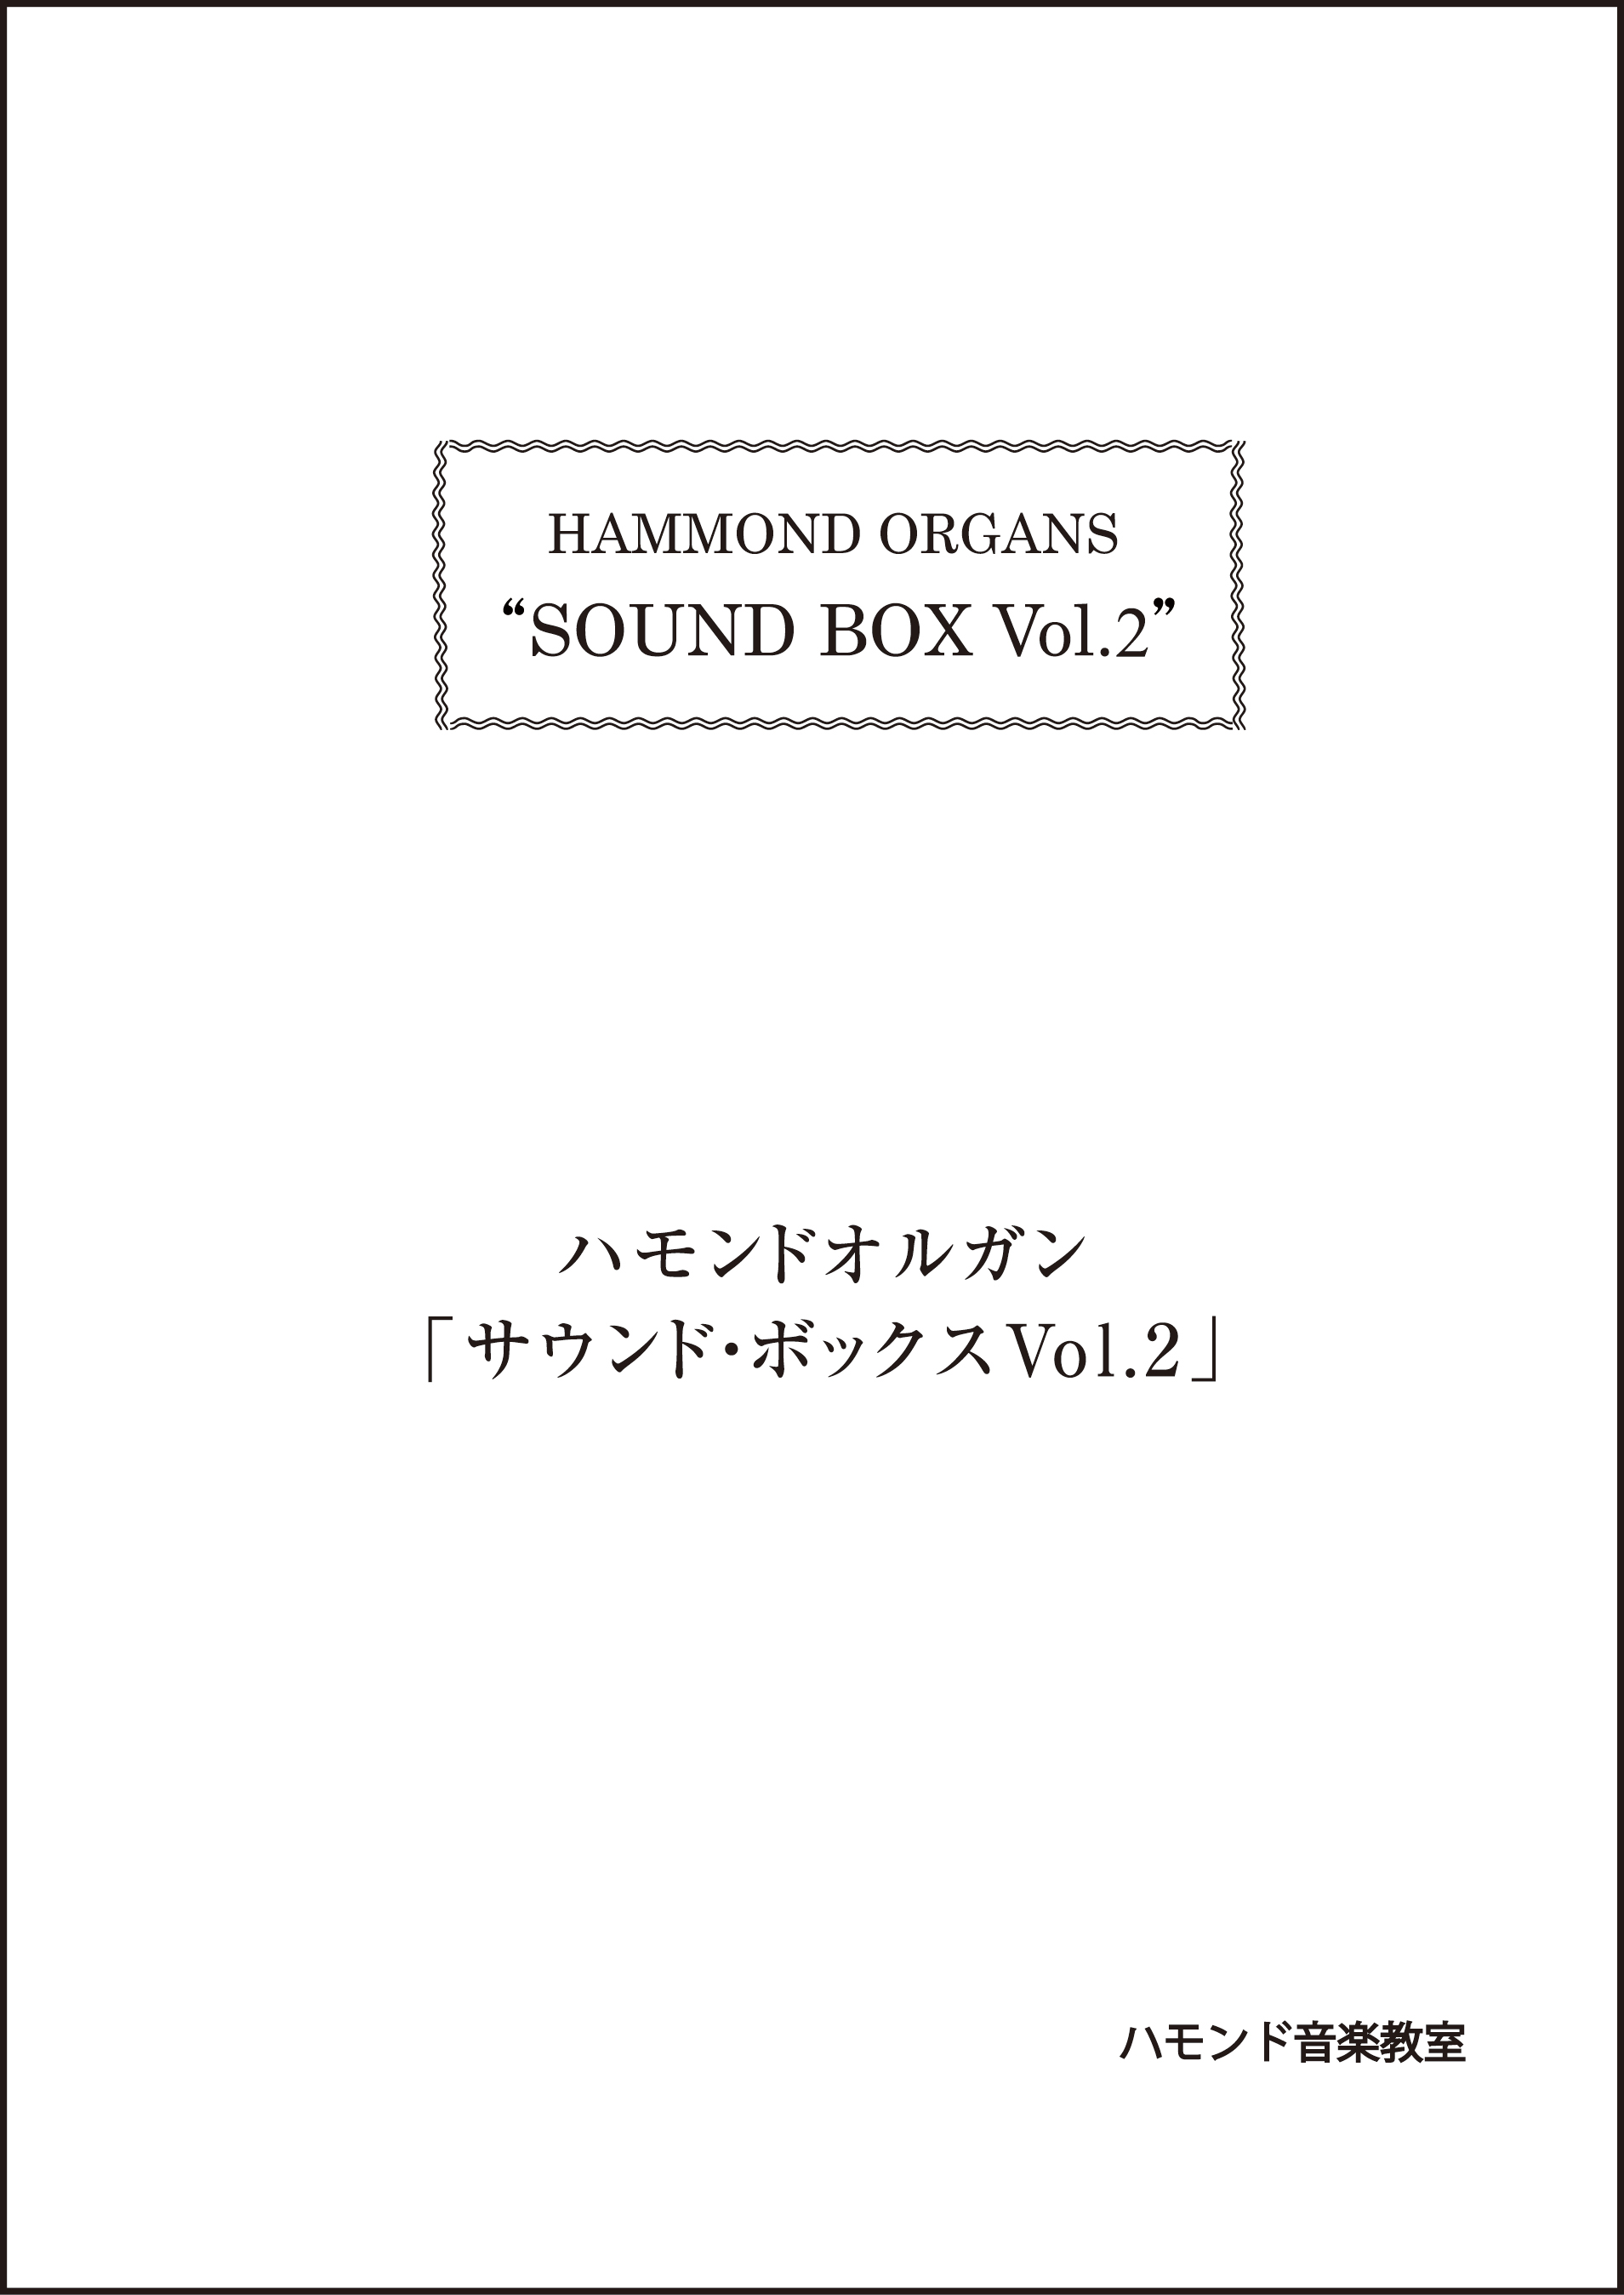 ハモンドオルガン「サウンドボックスVol.2」